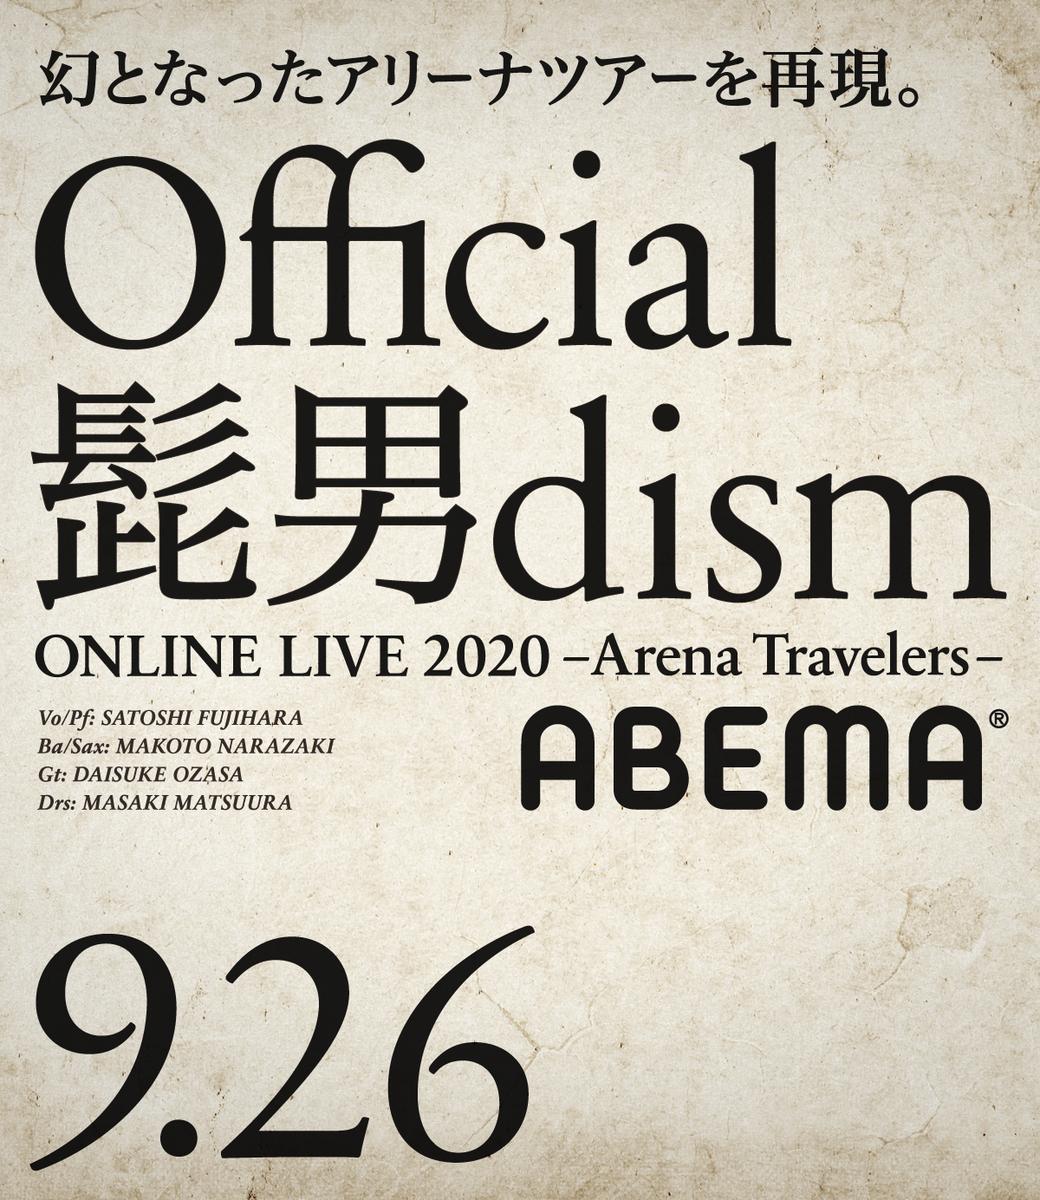 幻となったアリーナツアーを再現するOfficial髭男dism ONLINE LIVE 2020 - Arena Travelers - メンバーたちからのメッセージが到着。スペシャルカードでご覧ください👇9月26日(土)よる8時〜 #アベマでヒゲダン詳細は▶︎